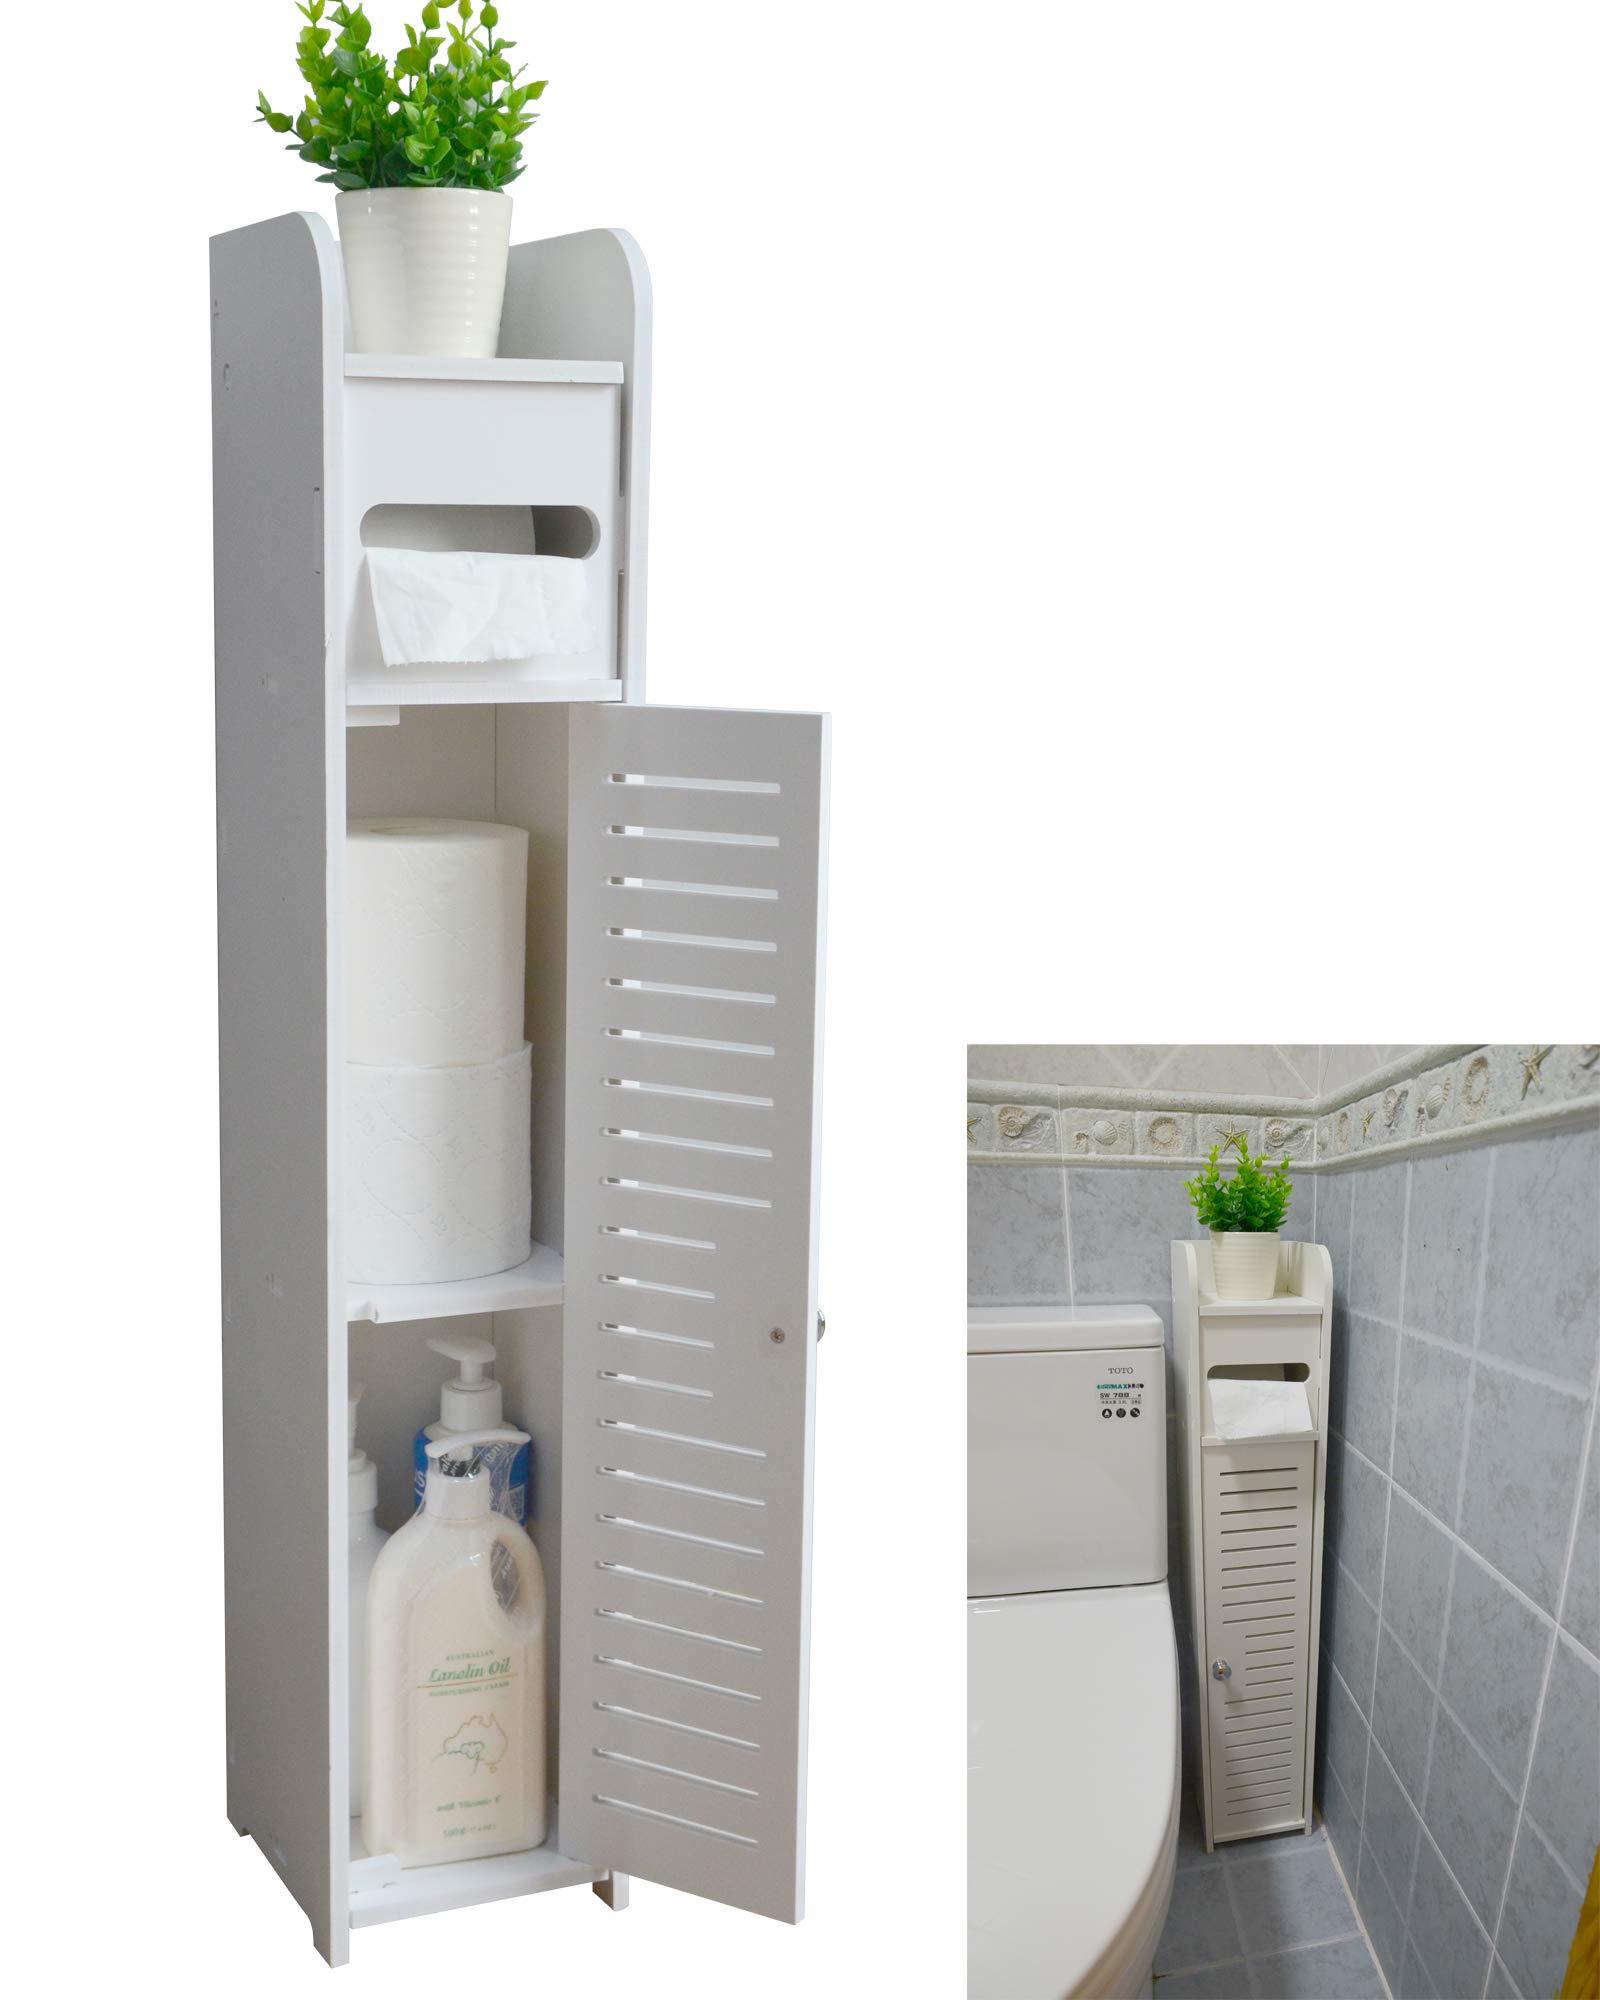 White Bathroom Floor Corner Cabinet Toilet Paper Storage Holder Organizer Shelf